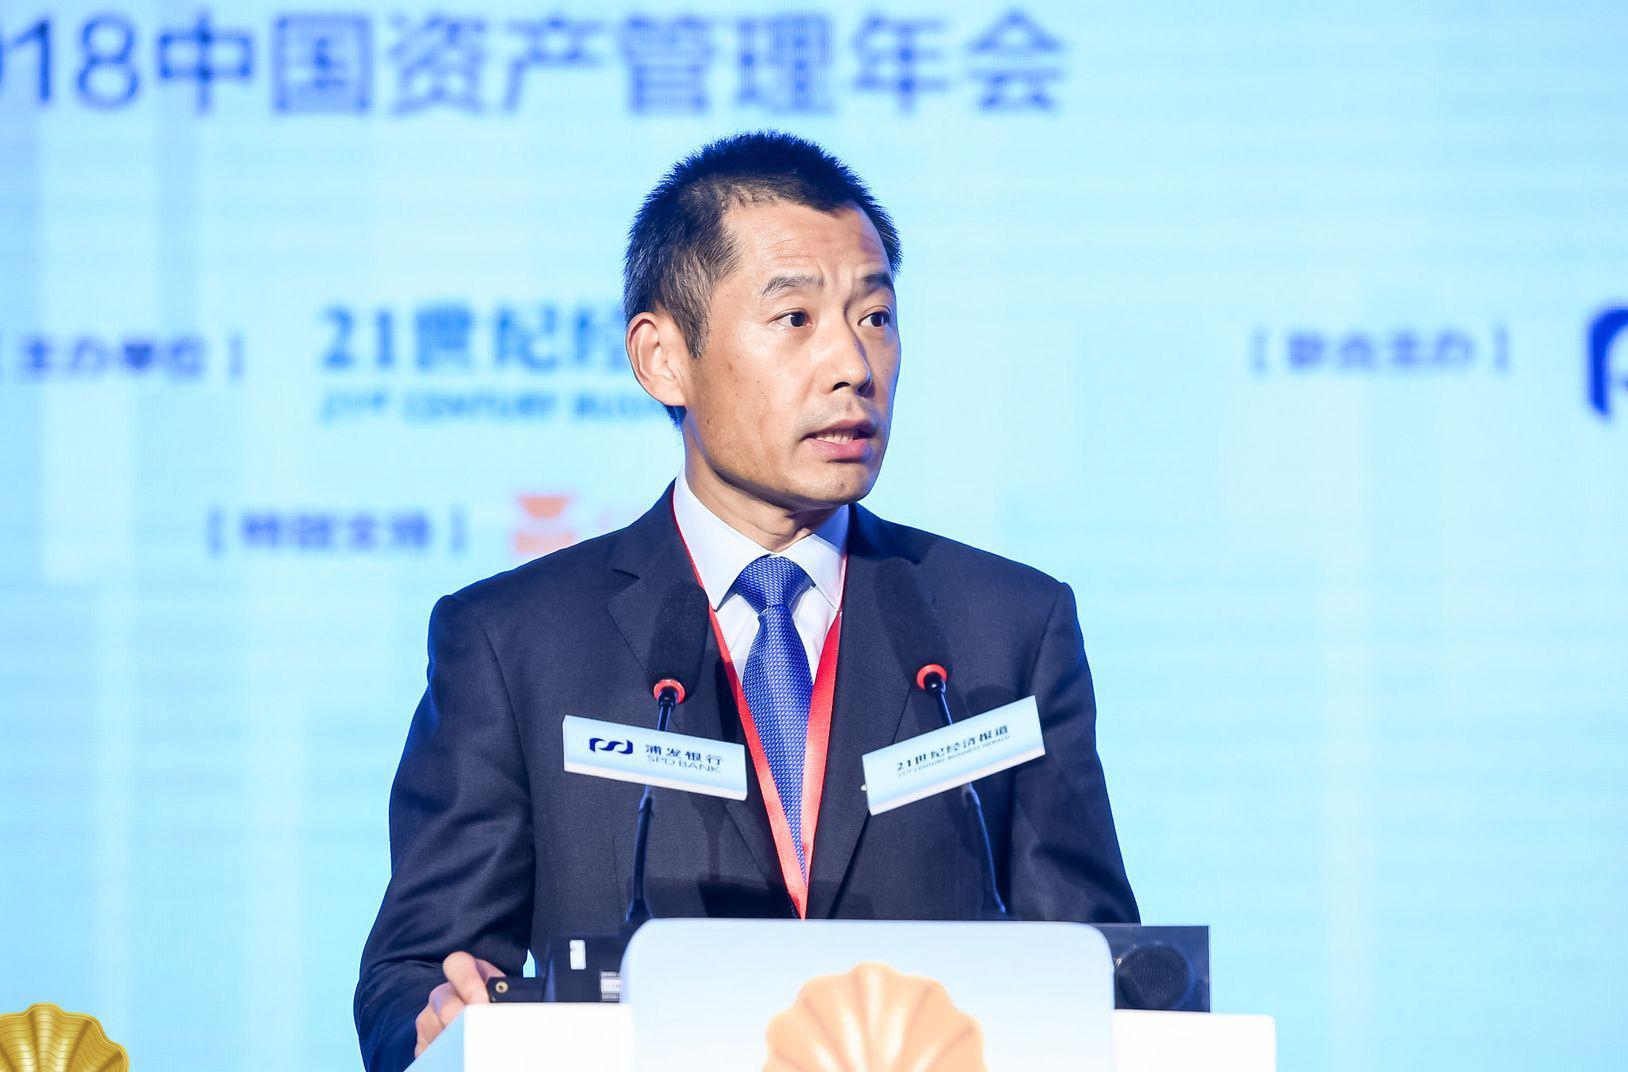 汇添富董事长李文:共同打造现代资产管理业